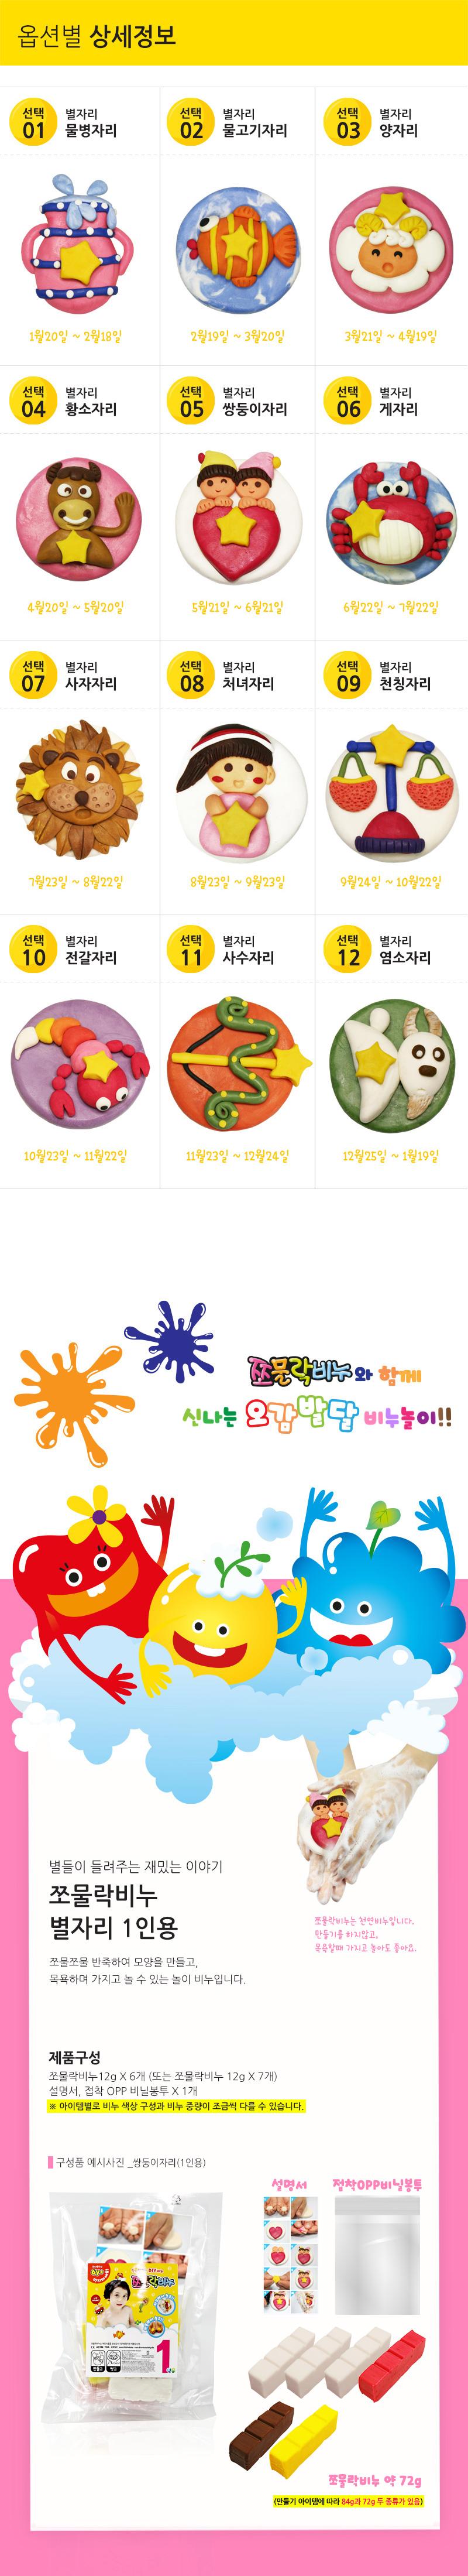 비누클레이-아트솝클레이-별자리 비누 만들기 (1인용)5,000원-쪼물락비누키덜트/취미, 핸드메이드/DIY, 비누공예, 비누공예패키지바보사랑비누클레이-아트솝클레이-별자리 비누 만들기 (1인용)5,000원-쪼물락비누키덜트/취미, 핸드메이드/DIY, 비누공예, 비누공예패키지바보사랑